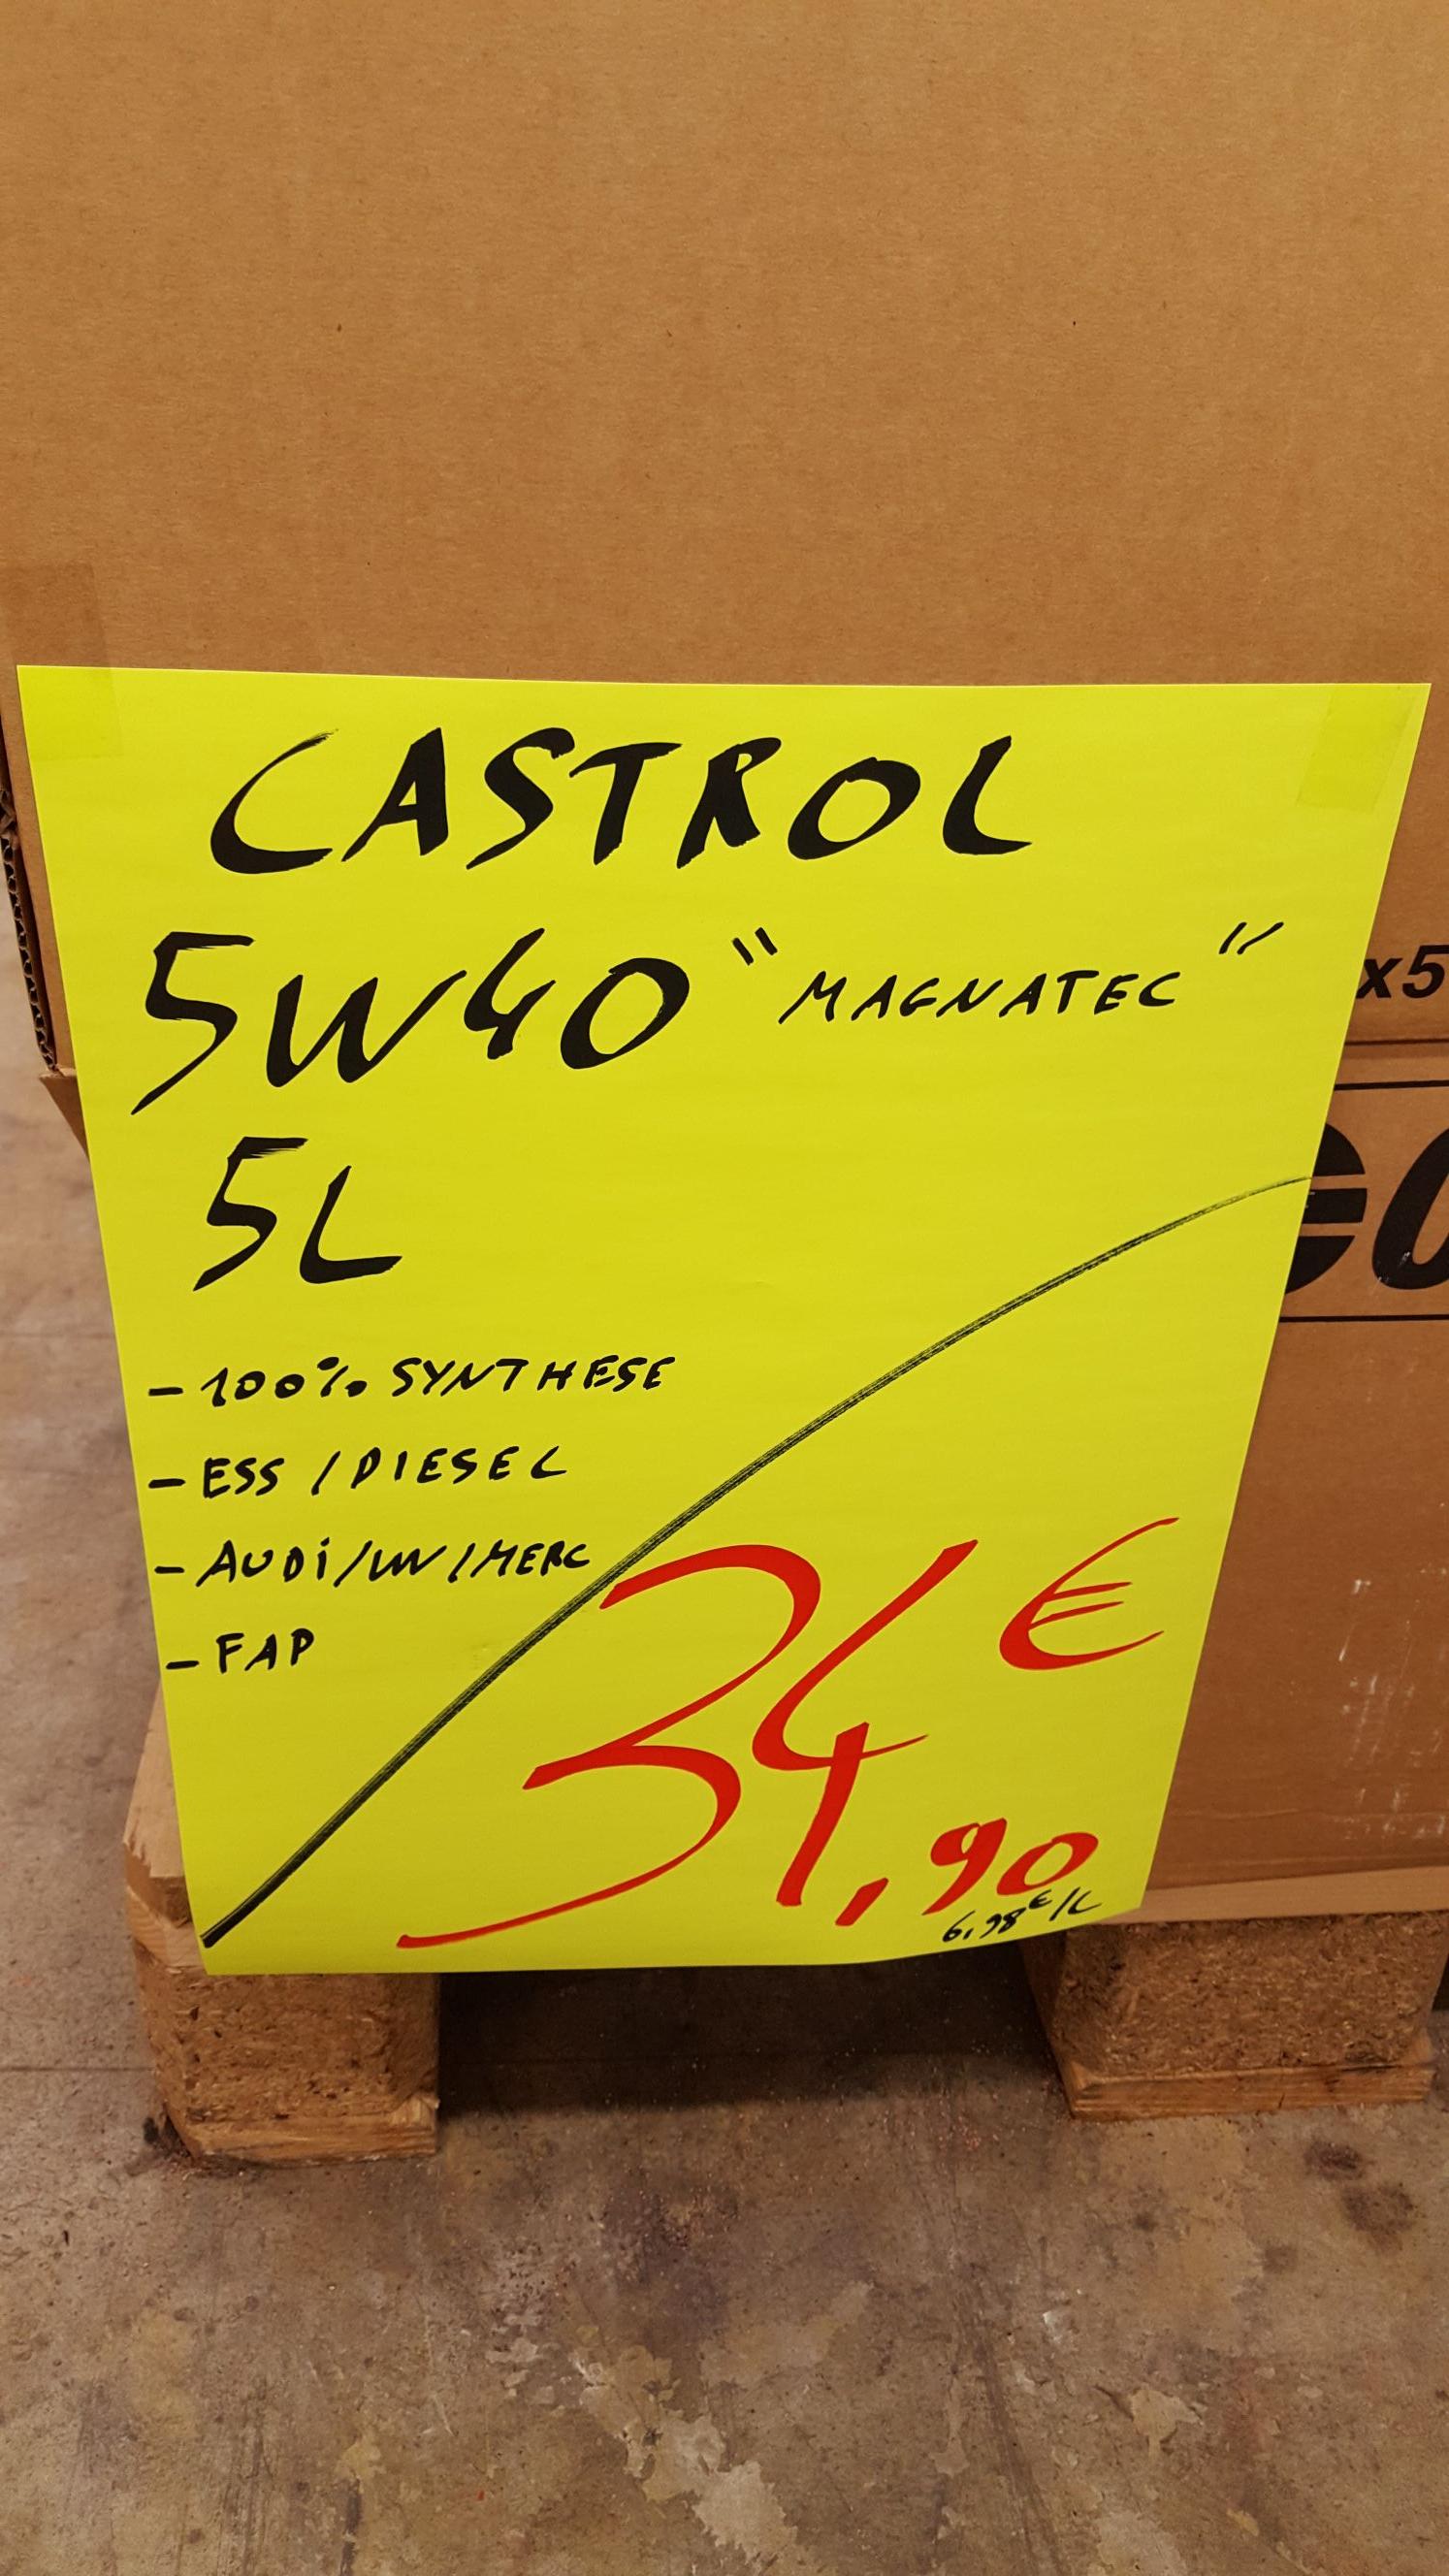 Bidon d'Huile Castrol 5w40 Magnatec - Carter Cash Saran (45)